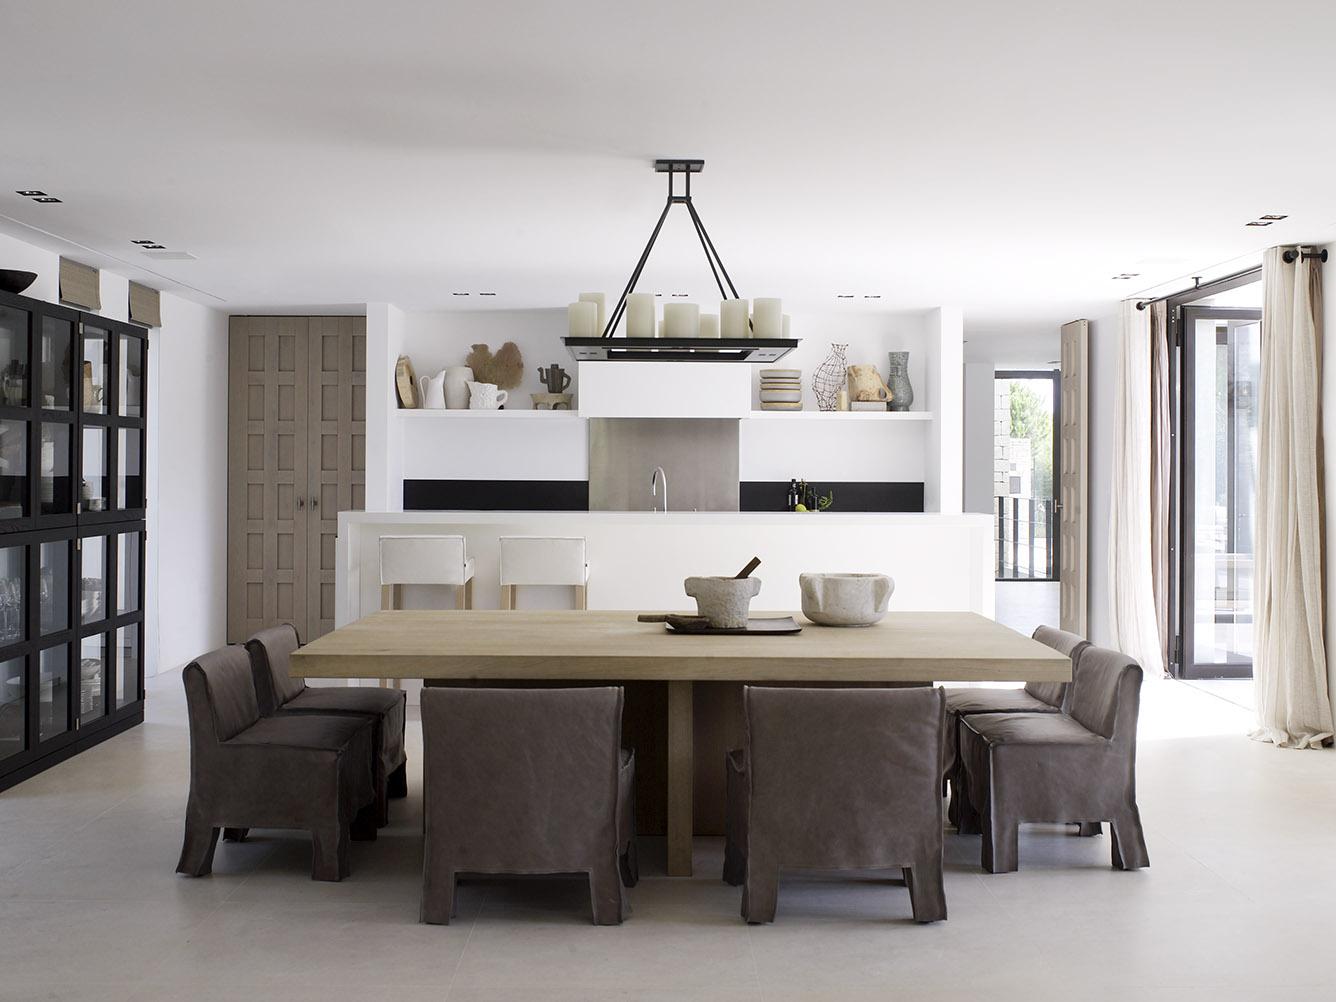 South coast villa with SAAR bar stool